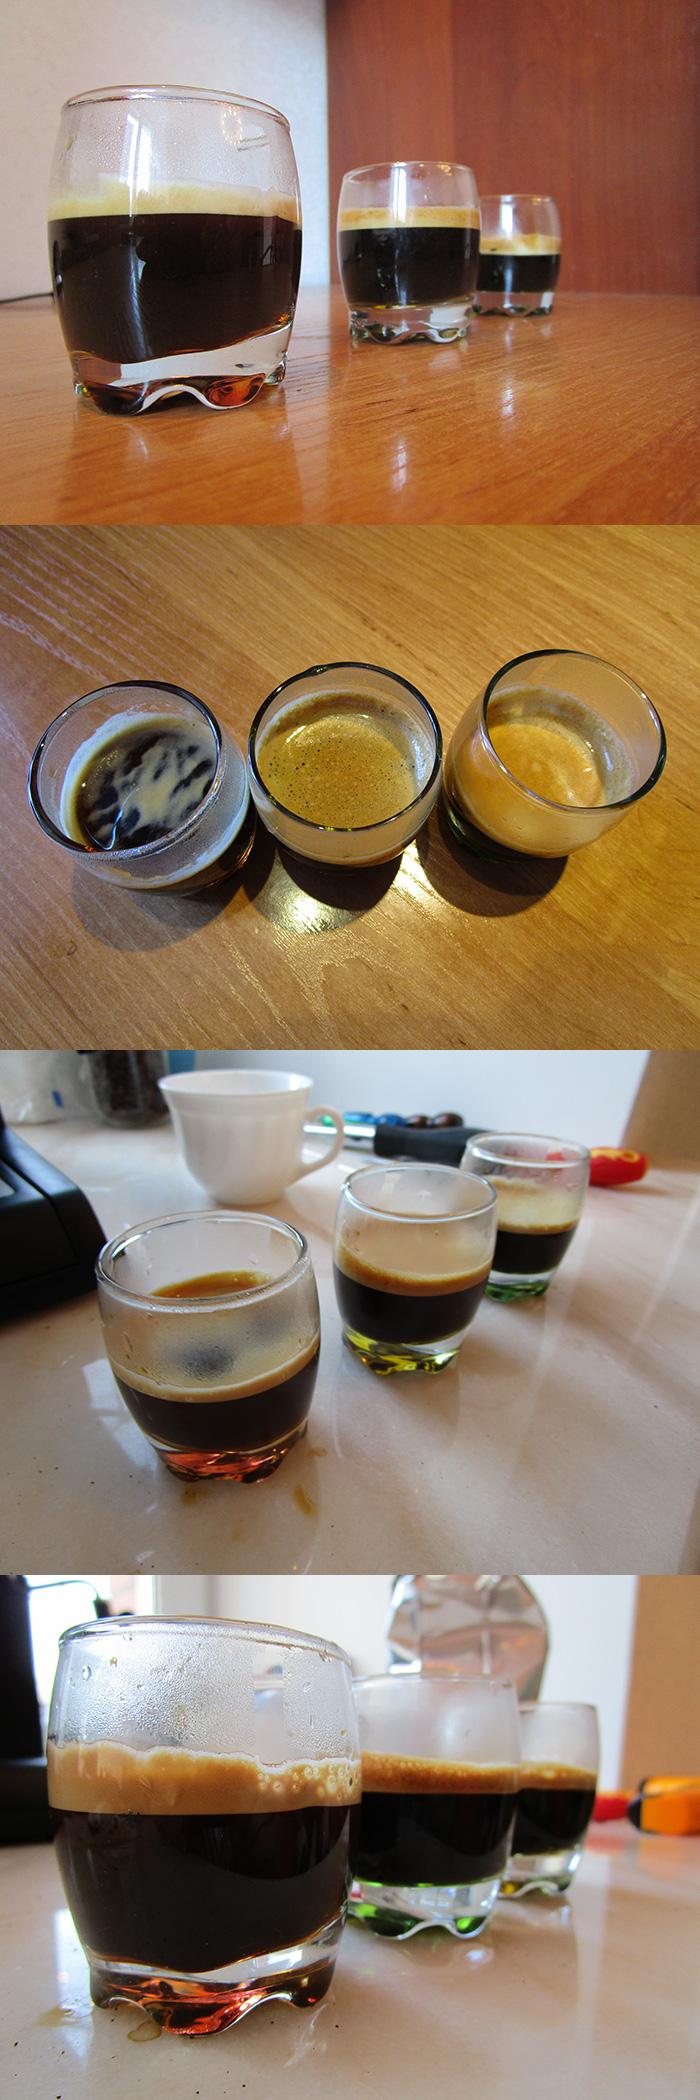 Тест пенки крема